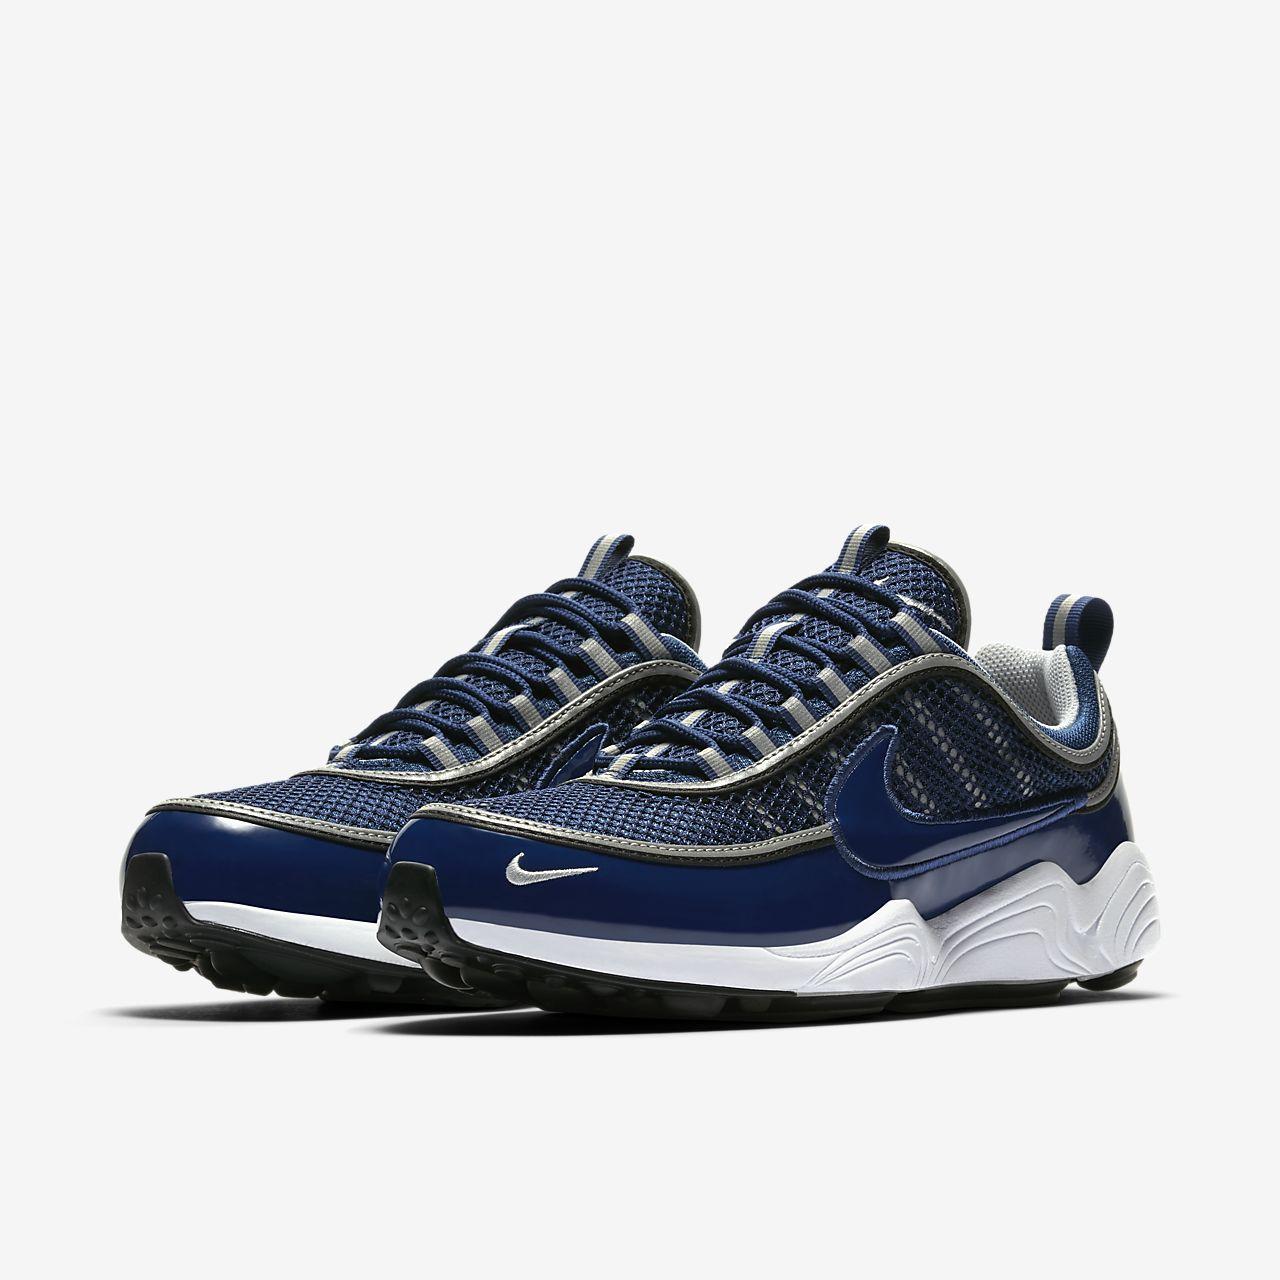 Nike Zoom Span 2, Chaussures de Running Homme, Noir (Noir/Argent Métallique/Gris Foncé/Blanc), 45.5 EU